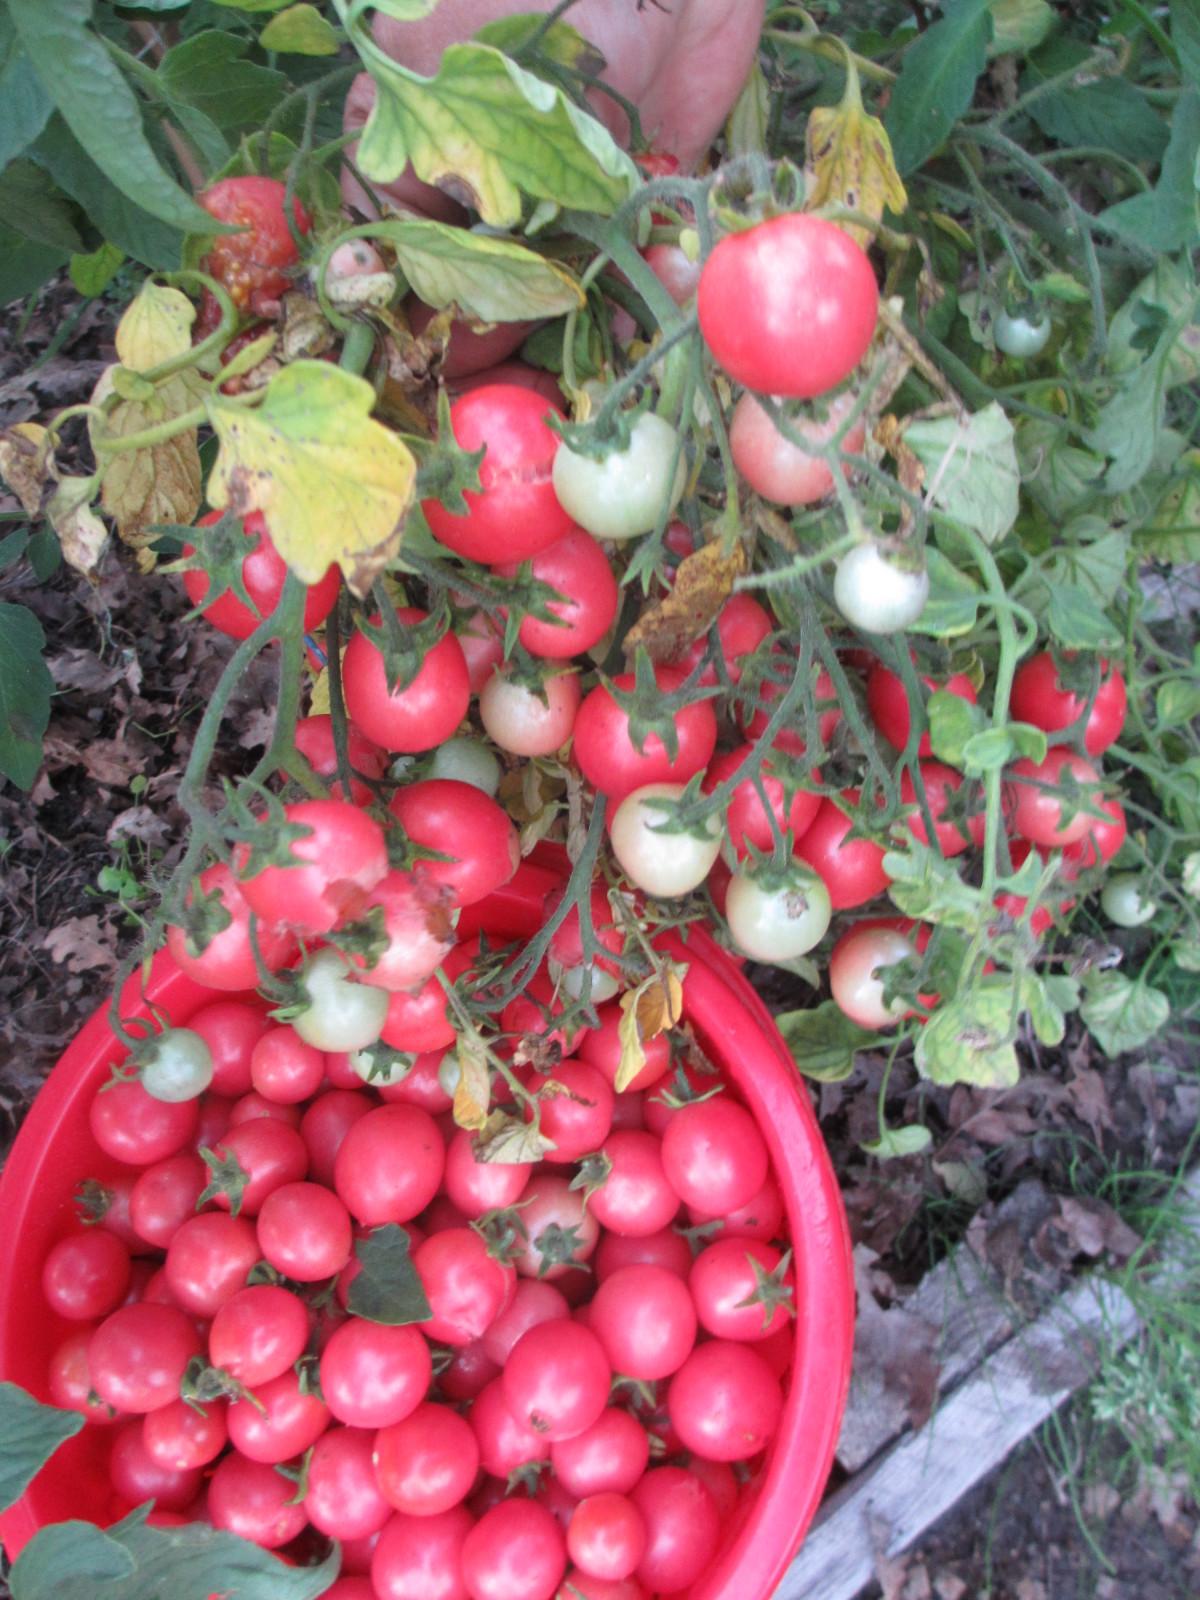 """ᐉ томат """"розовая жемчужина"""": описание сорта помидора с фото - orensad198.ru"""